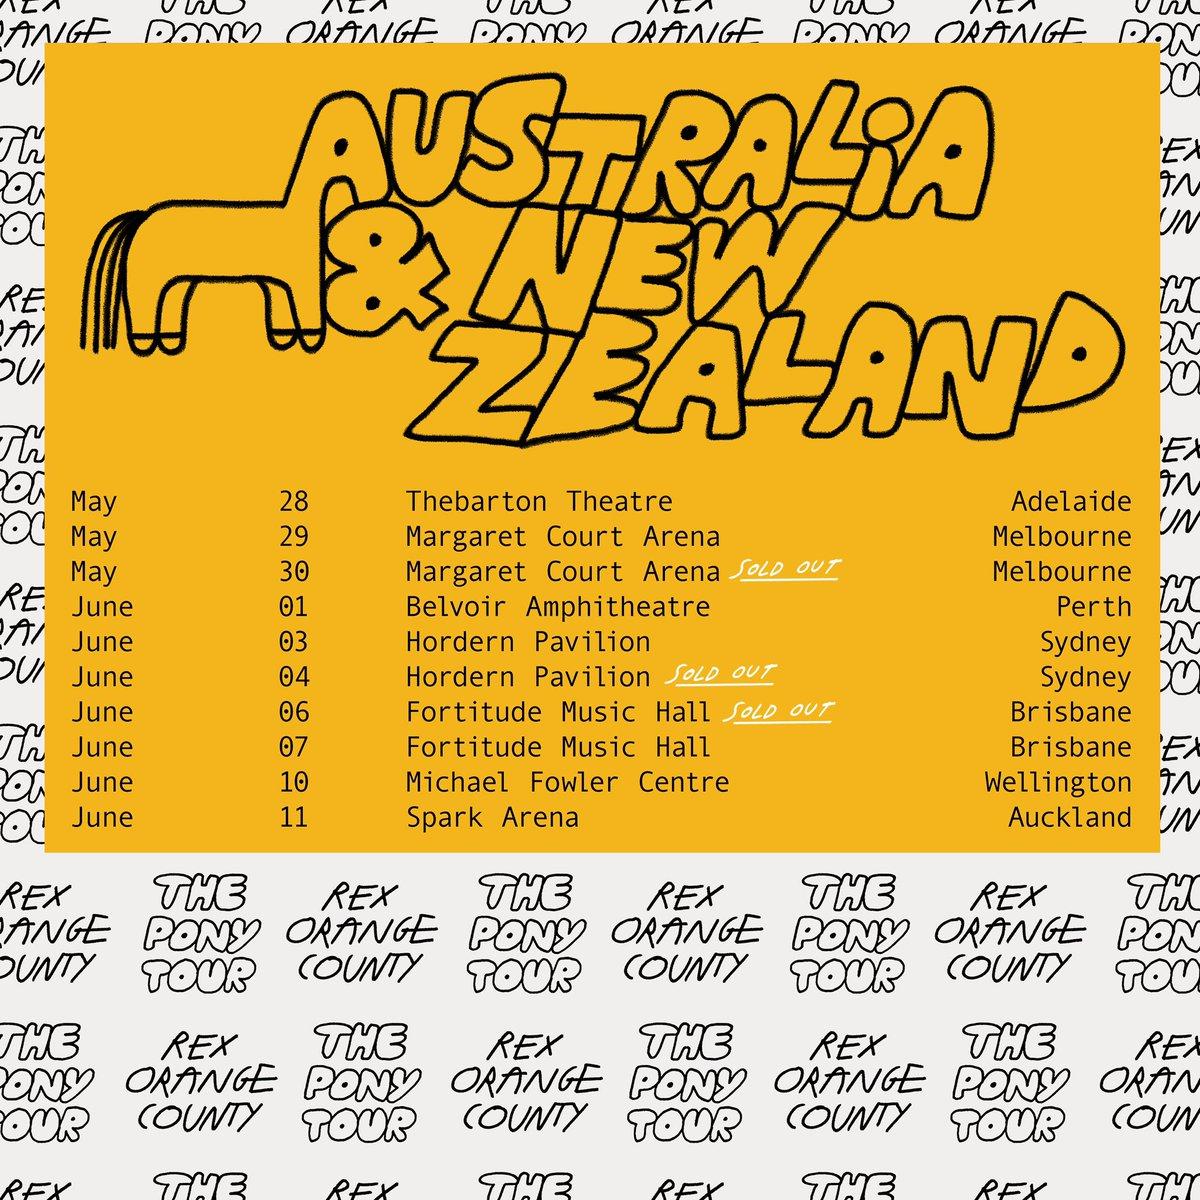 AUS/NZ ... NEW SHOWS ADDED in Melbourne, Sydney and Brisbane - scrtsnds.co/RexOrangeCount… thank u 💛